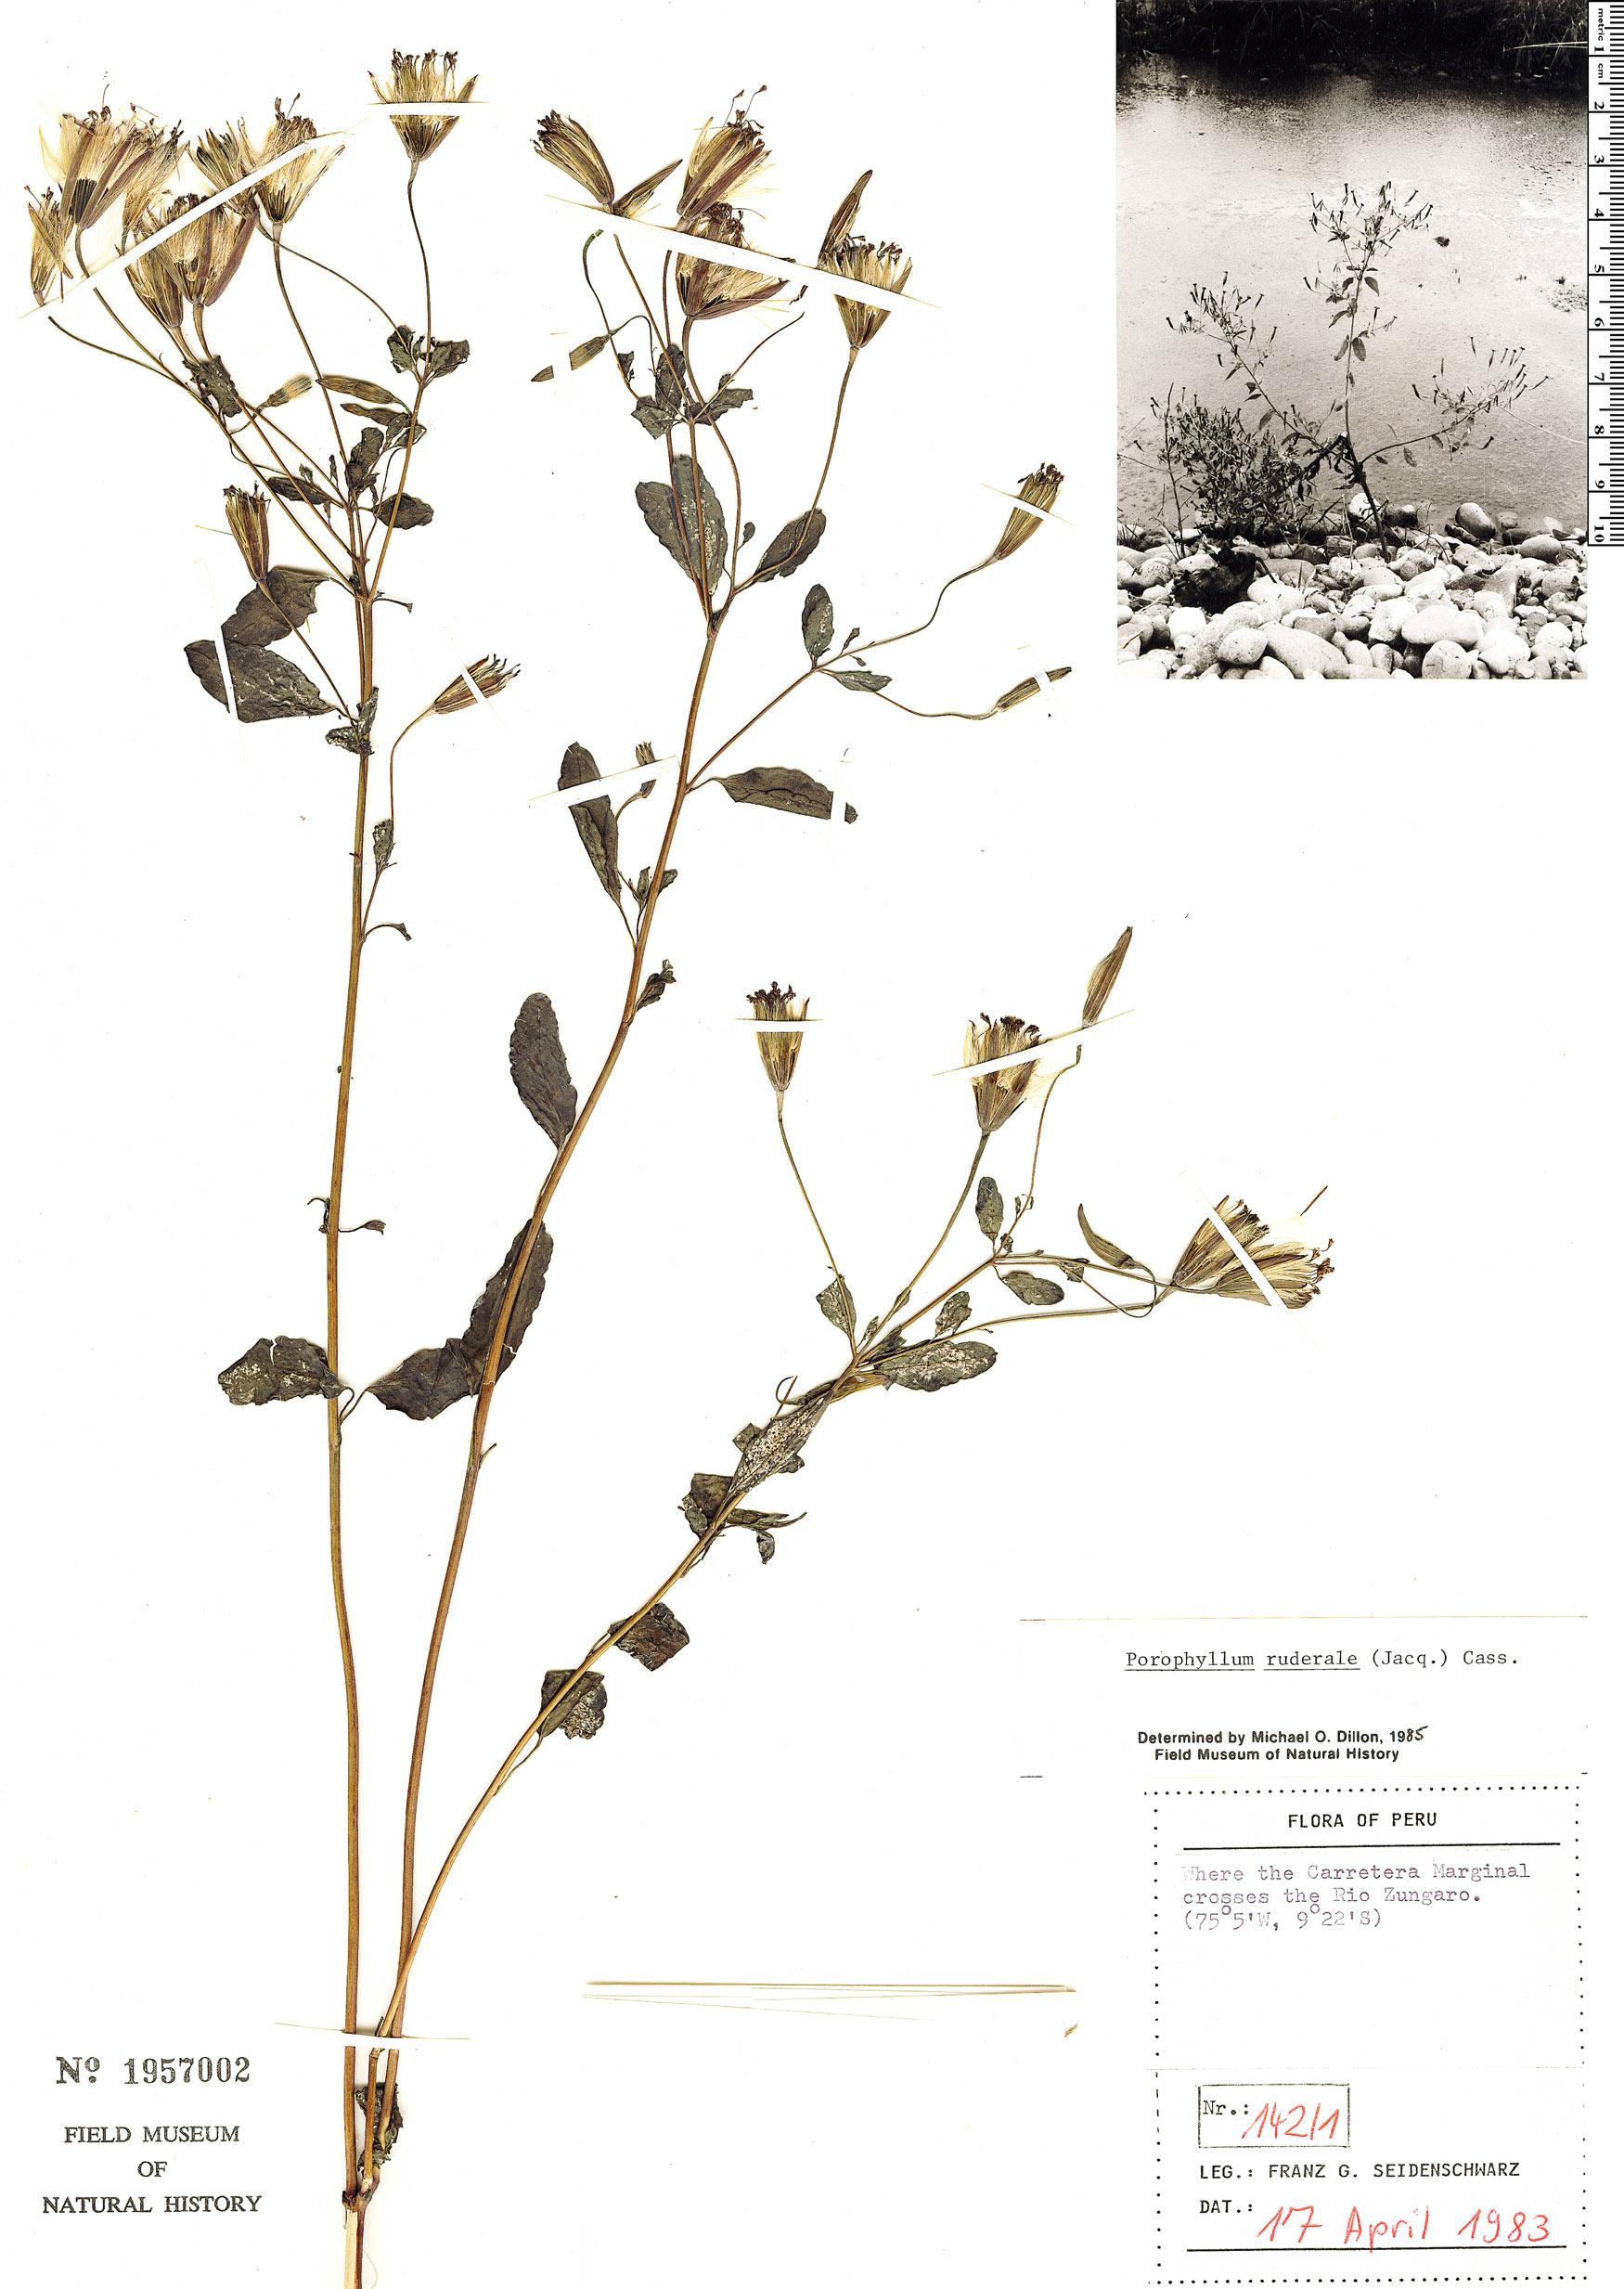 Espécime: Porophyllum ruderale